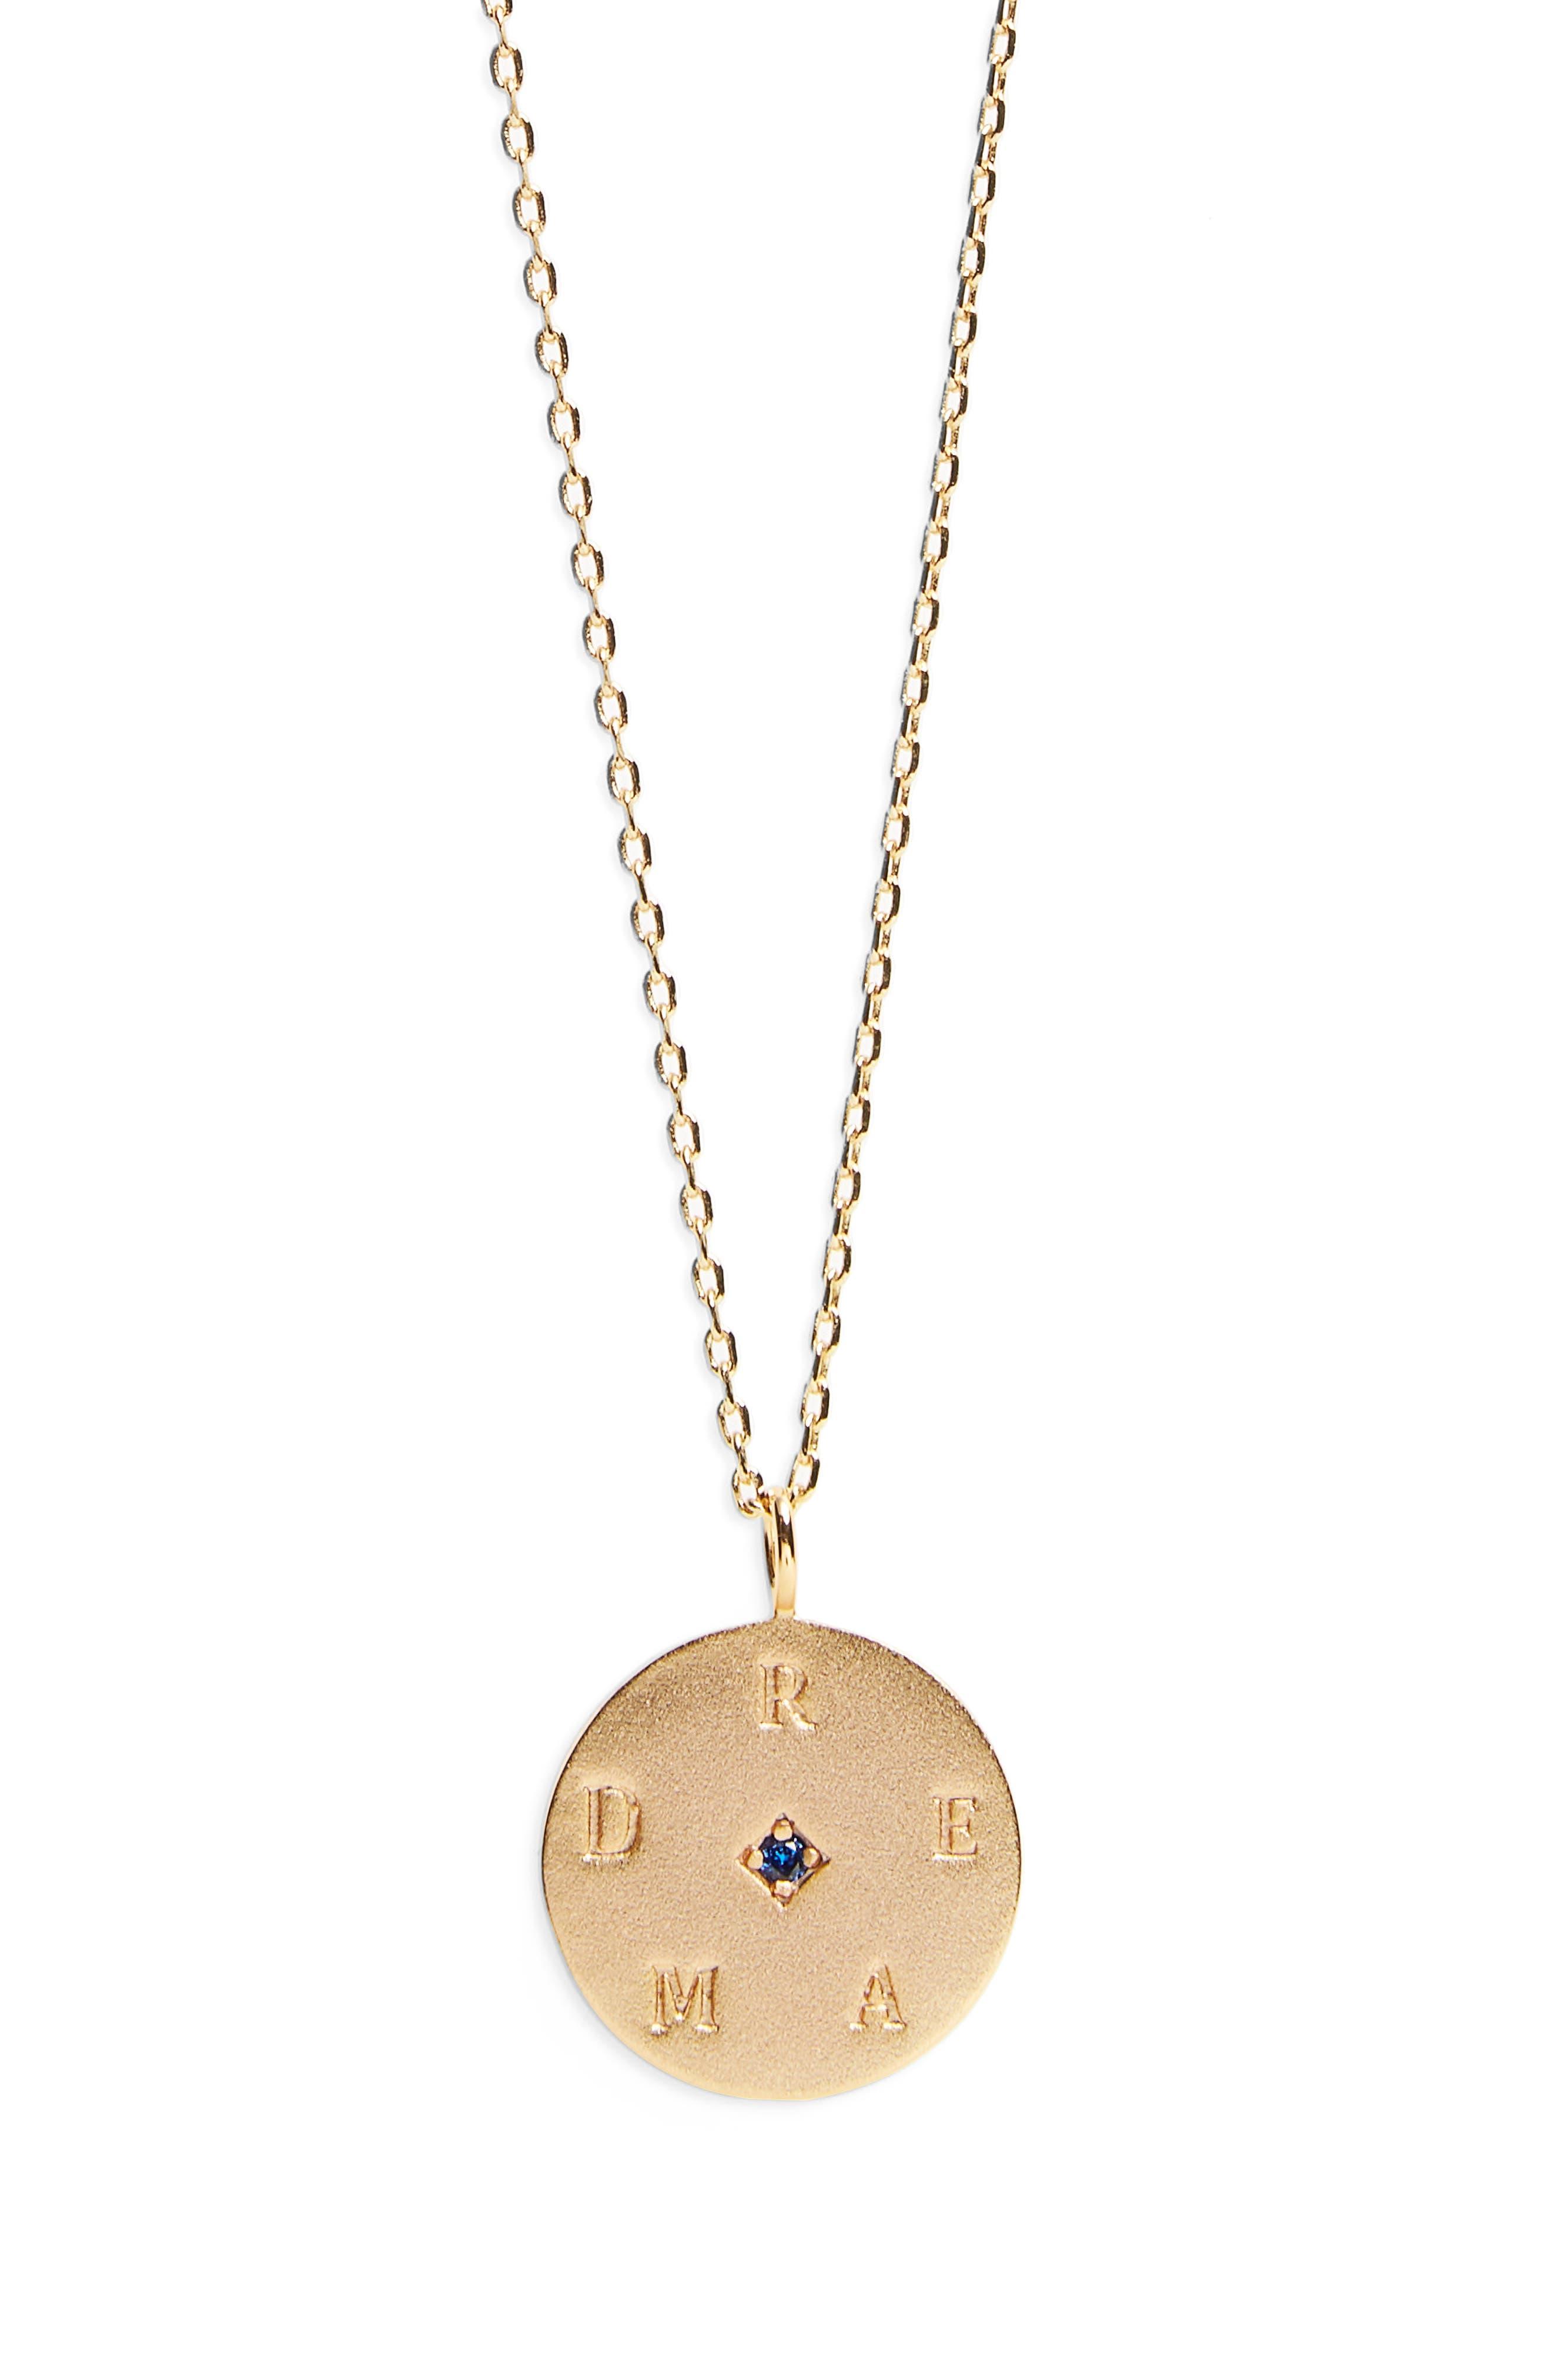 Main Image - Lulu DK Pendant Necklace